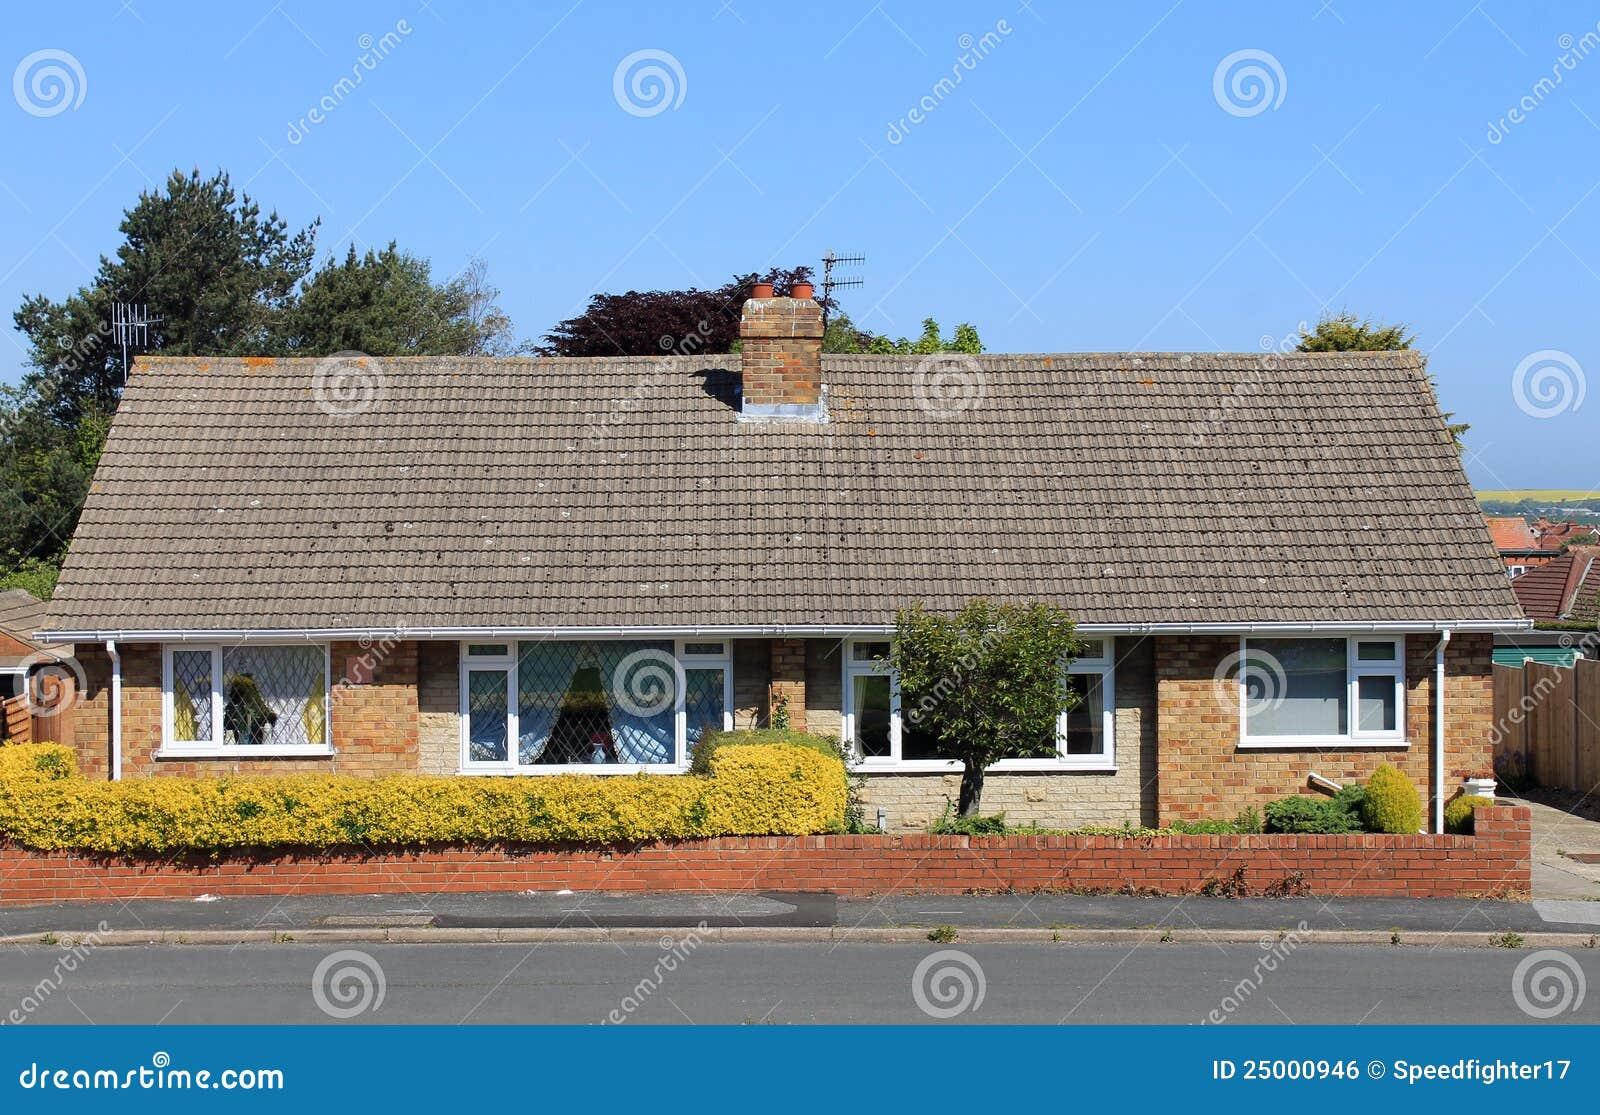 Casas inglesas de la casa de planta baja - Planta baja en ingles ...